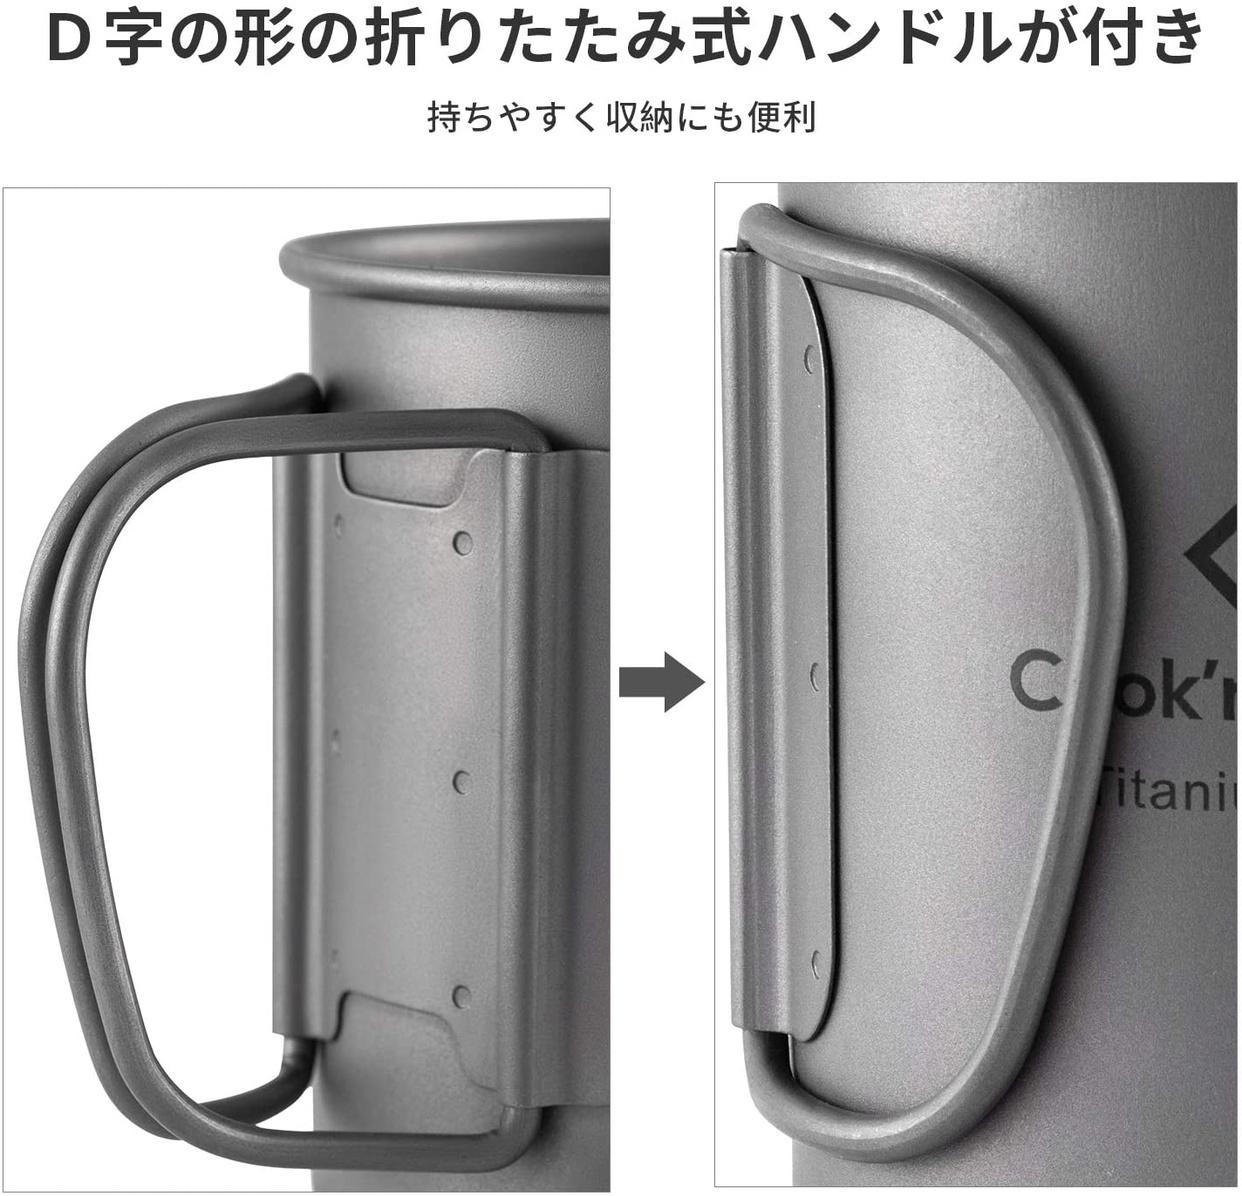 COOK'N'ESCAPE(コックンエスケープ) アウトドア用マグカップの商品画像6